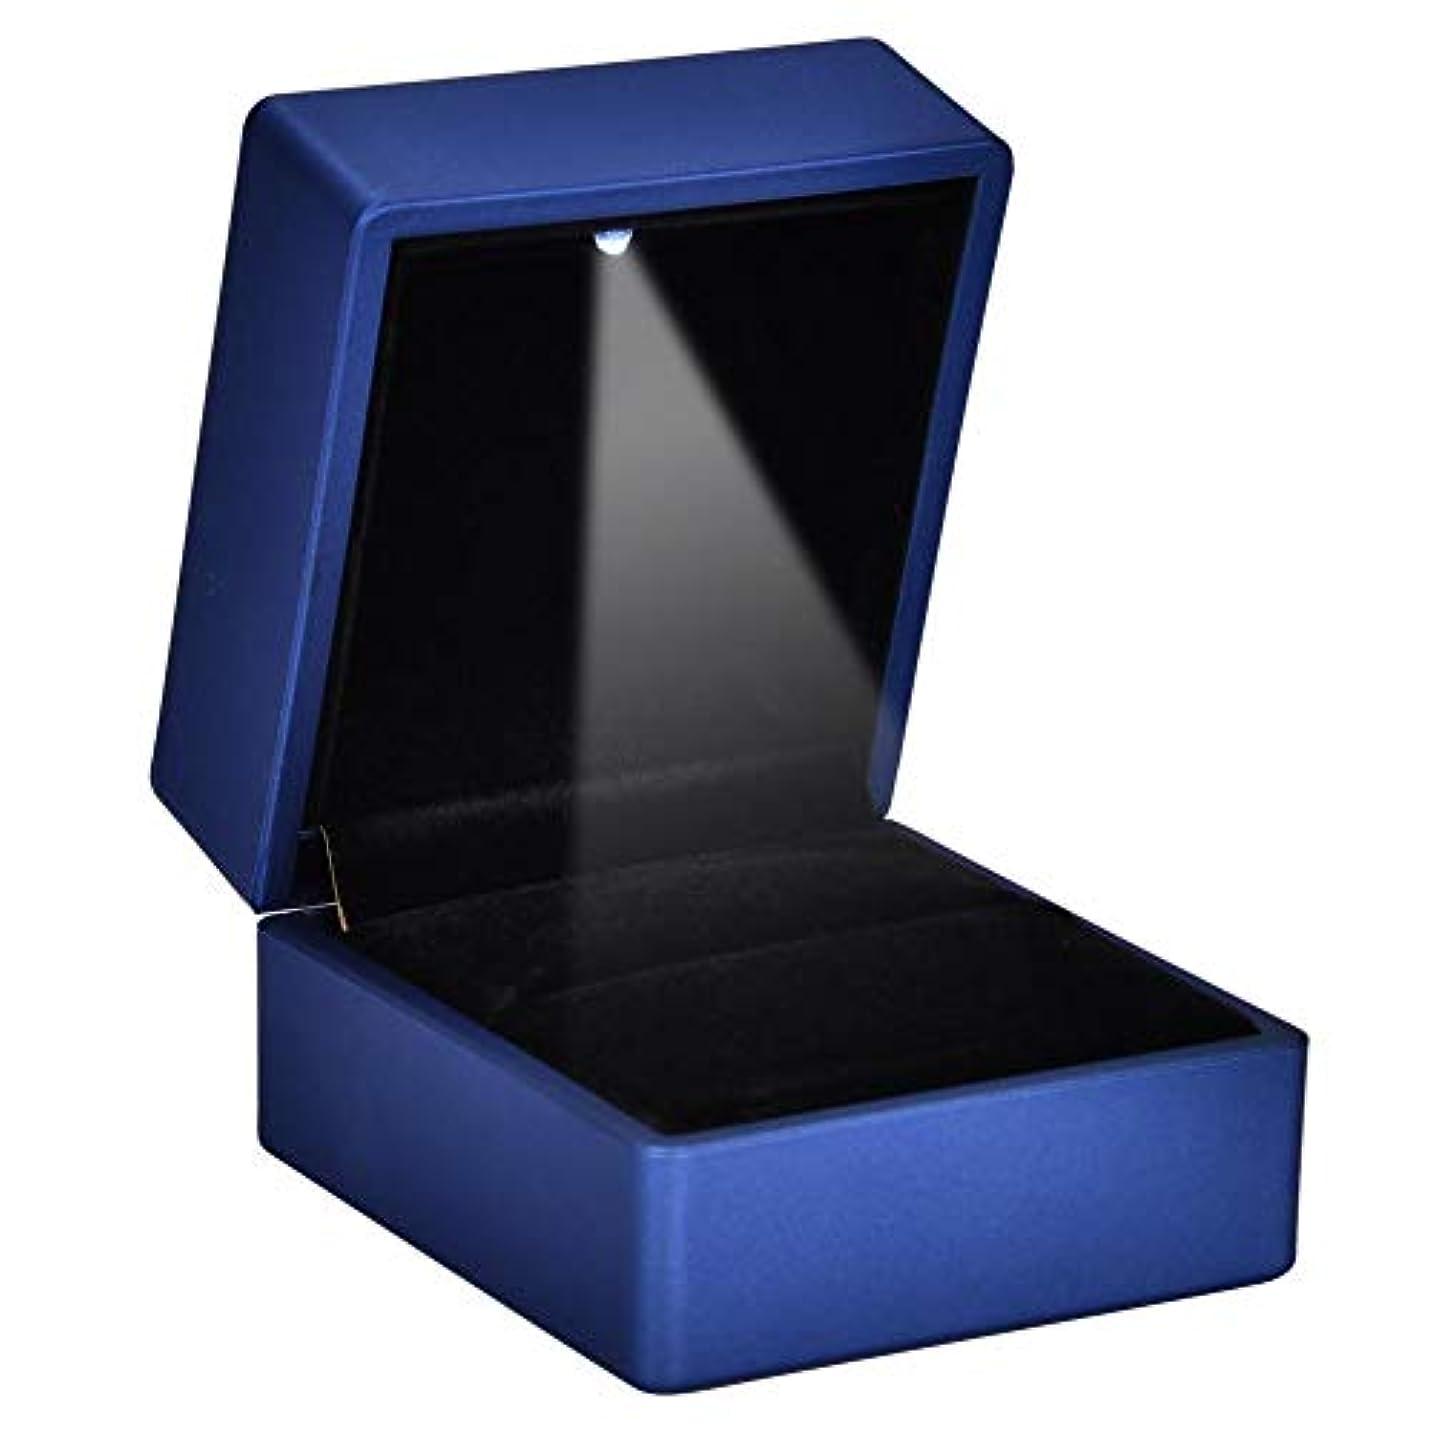 マイルドシアー指定2種類ファッショナブルなLEDリングボックス - 内部LED照明付きリングケース、ジュエリーホルダーリング収納ケース、結婚式の提案(ブルー-90 * 70 * 35)